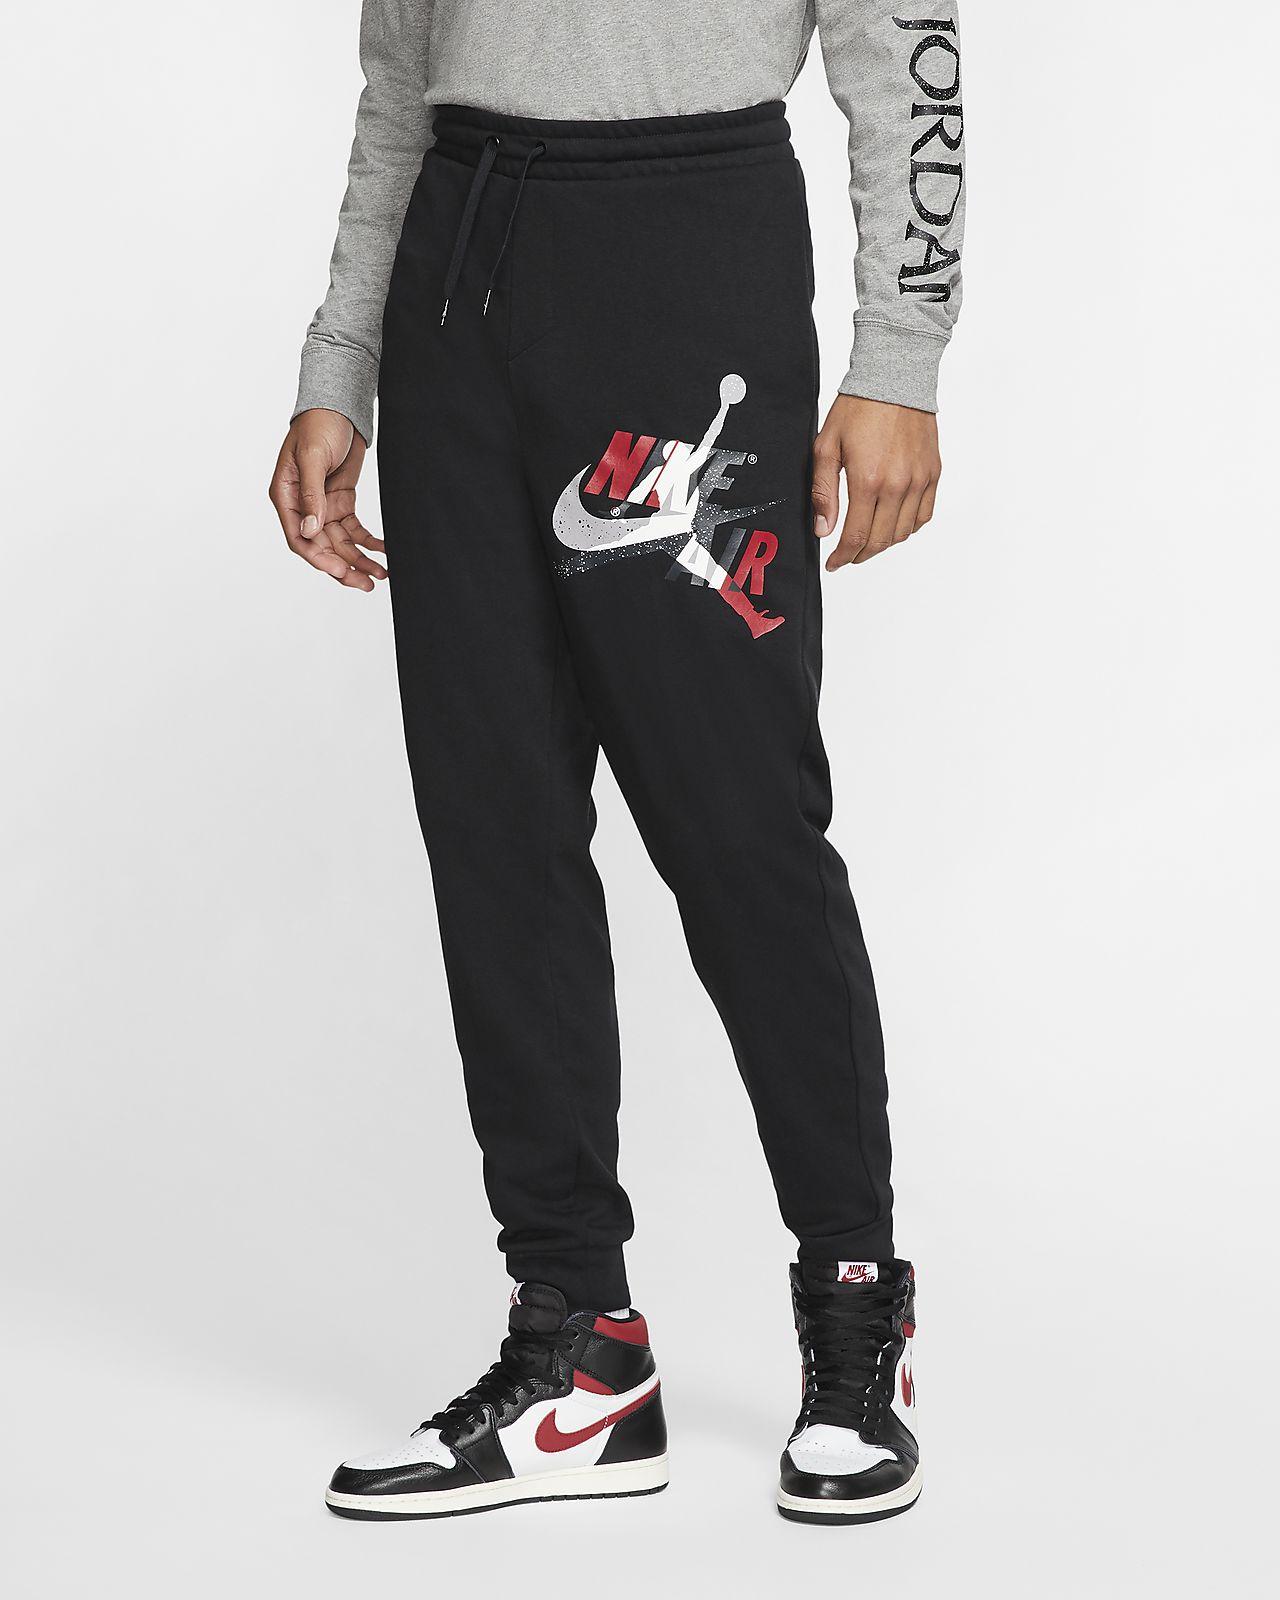 Pánské lehké flísové kalhoty Jordan Jumpman Classics